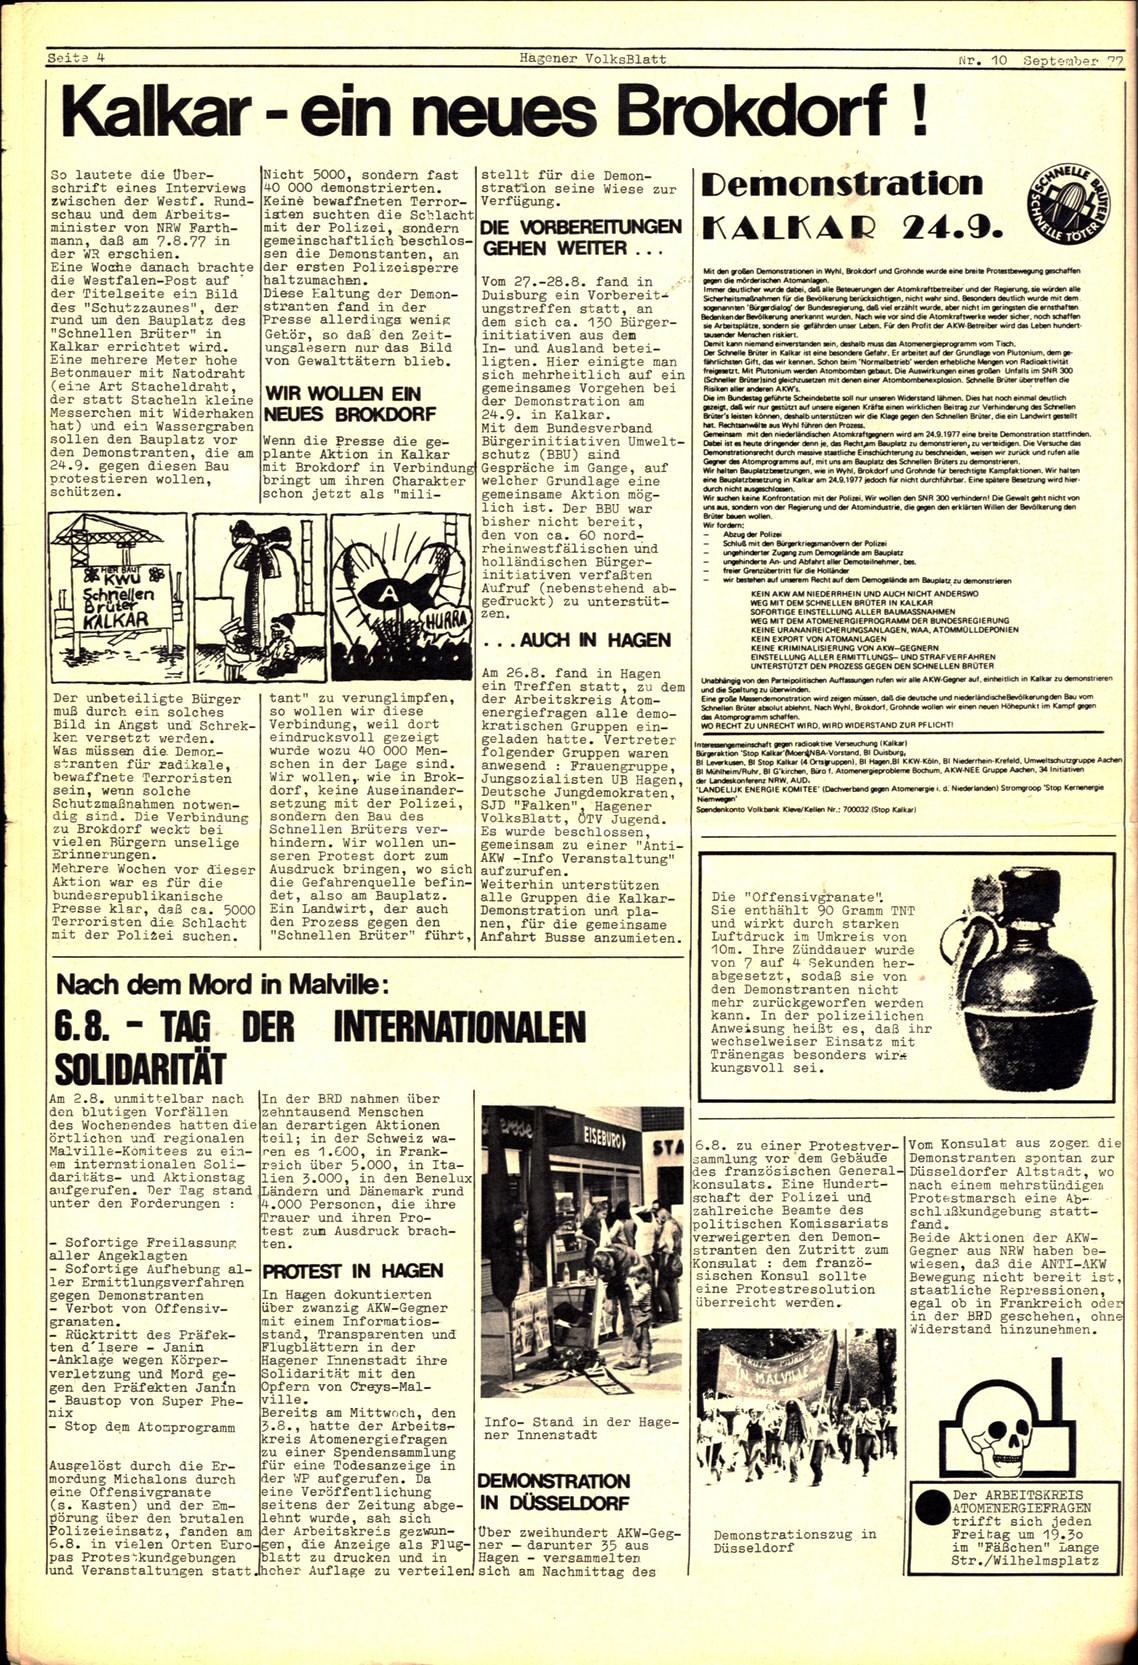 Hagen_Volksblatt_19770900_04